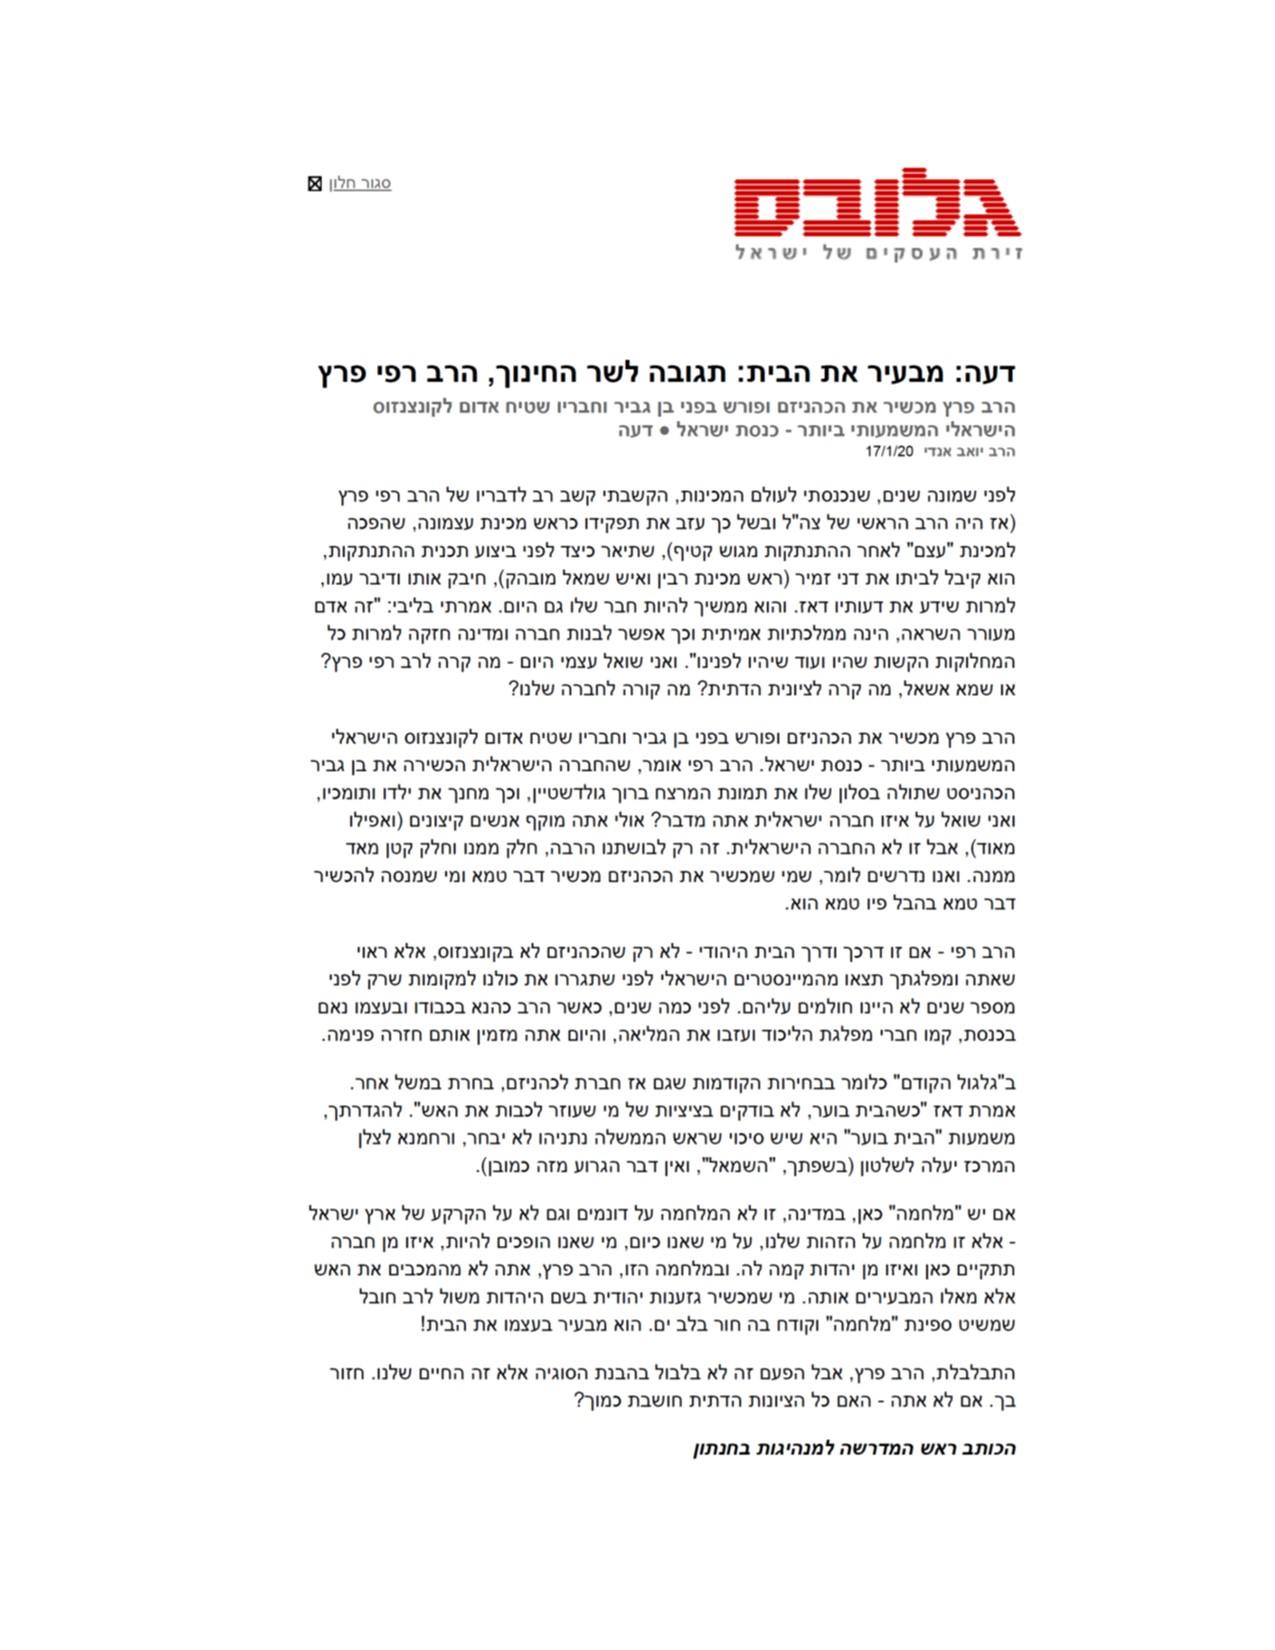 גלובס ינואר 2020 תגובה של הרב יואב אנדי לשר רפי פרץ